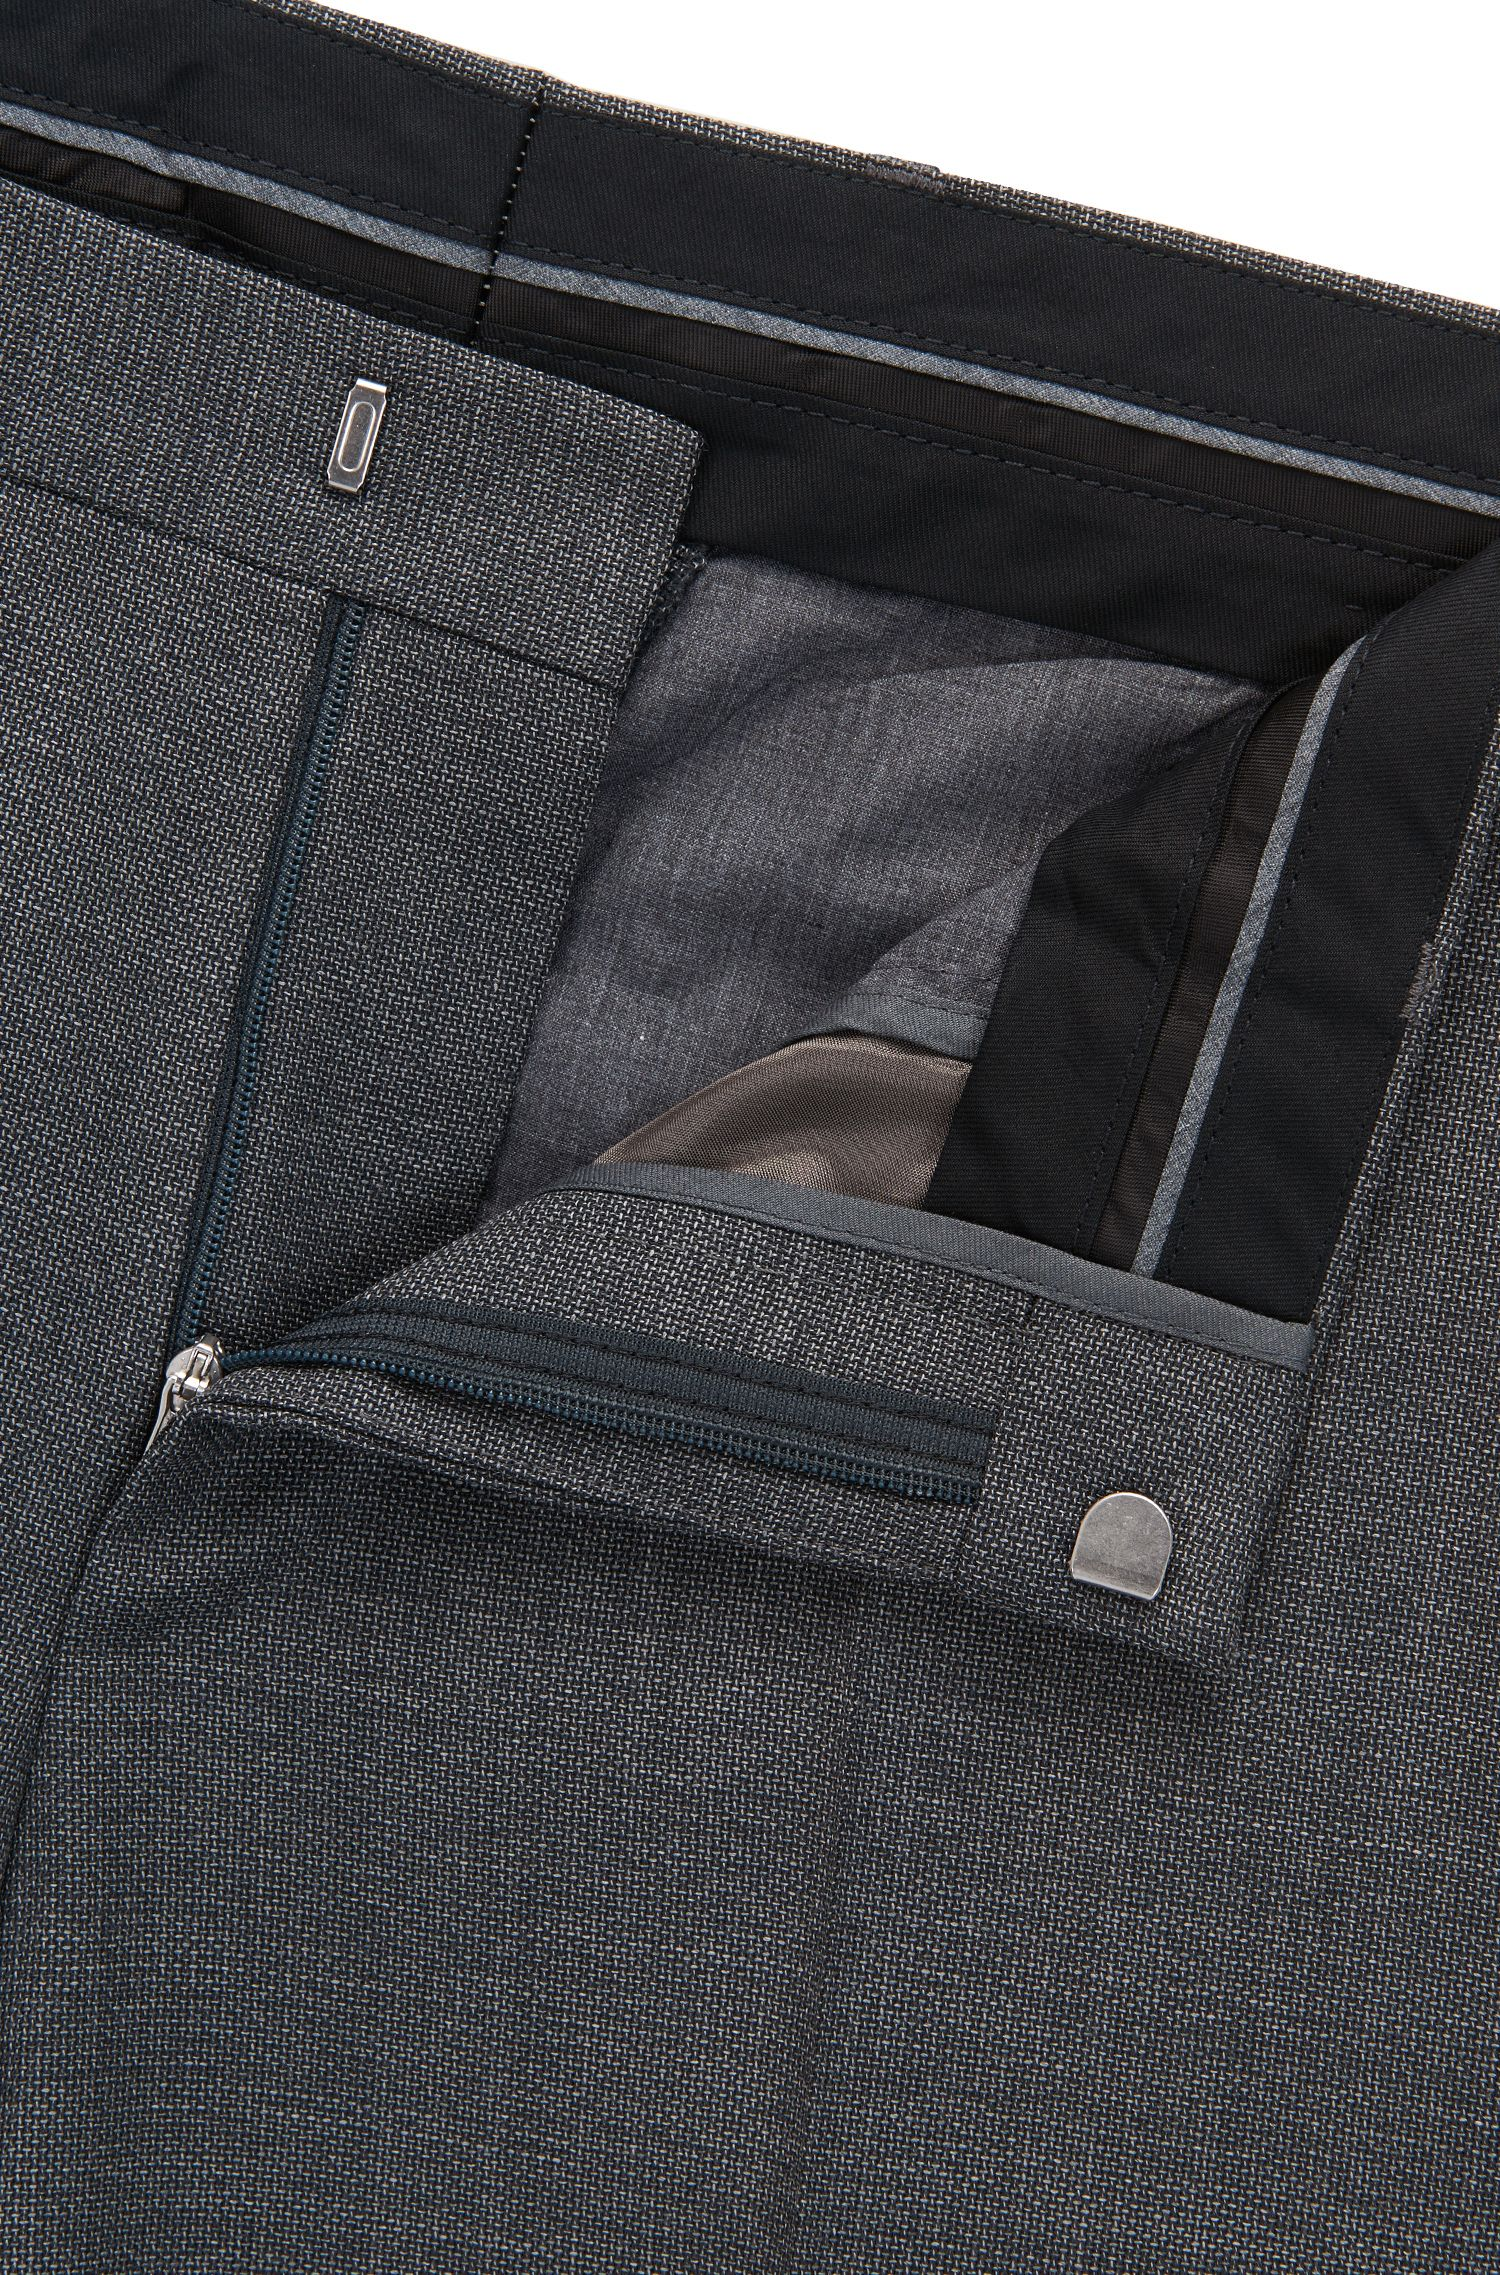 Pantalon Slim Fit en sergé de laine vierge à teneur en stretch naturel provenant de la fabrique Tesse.